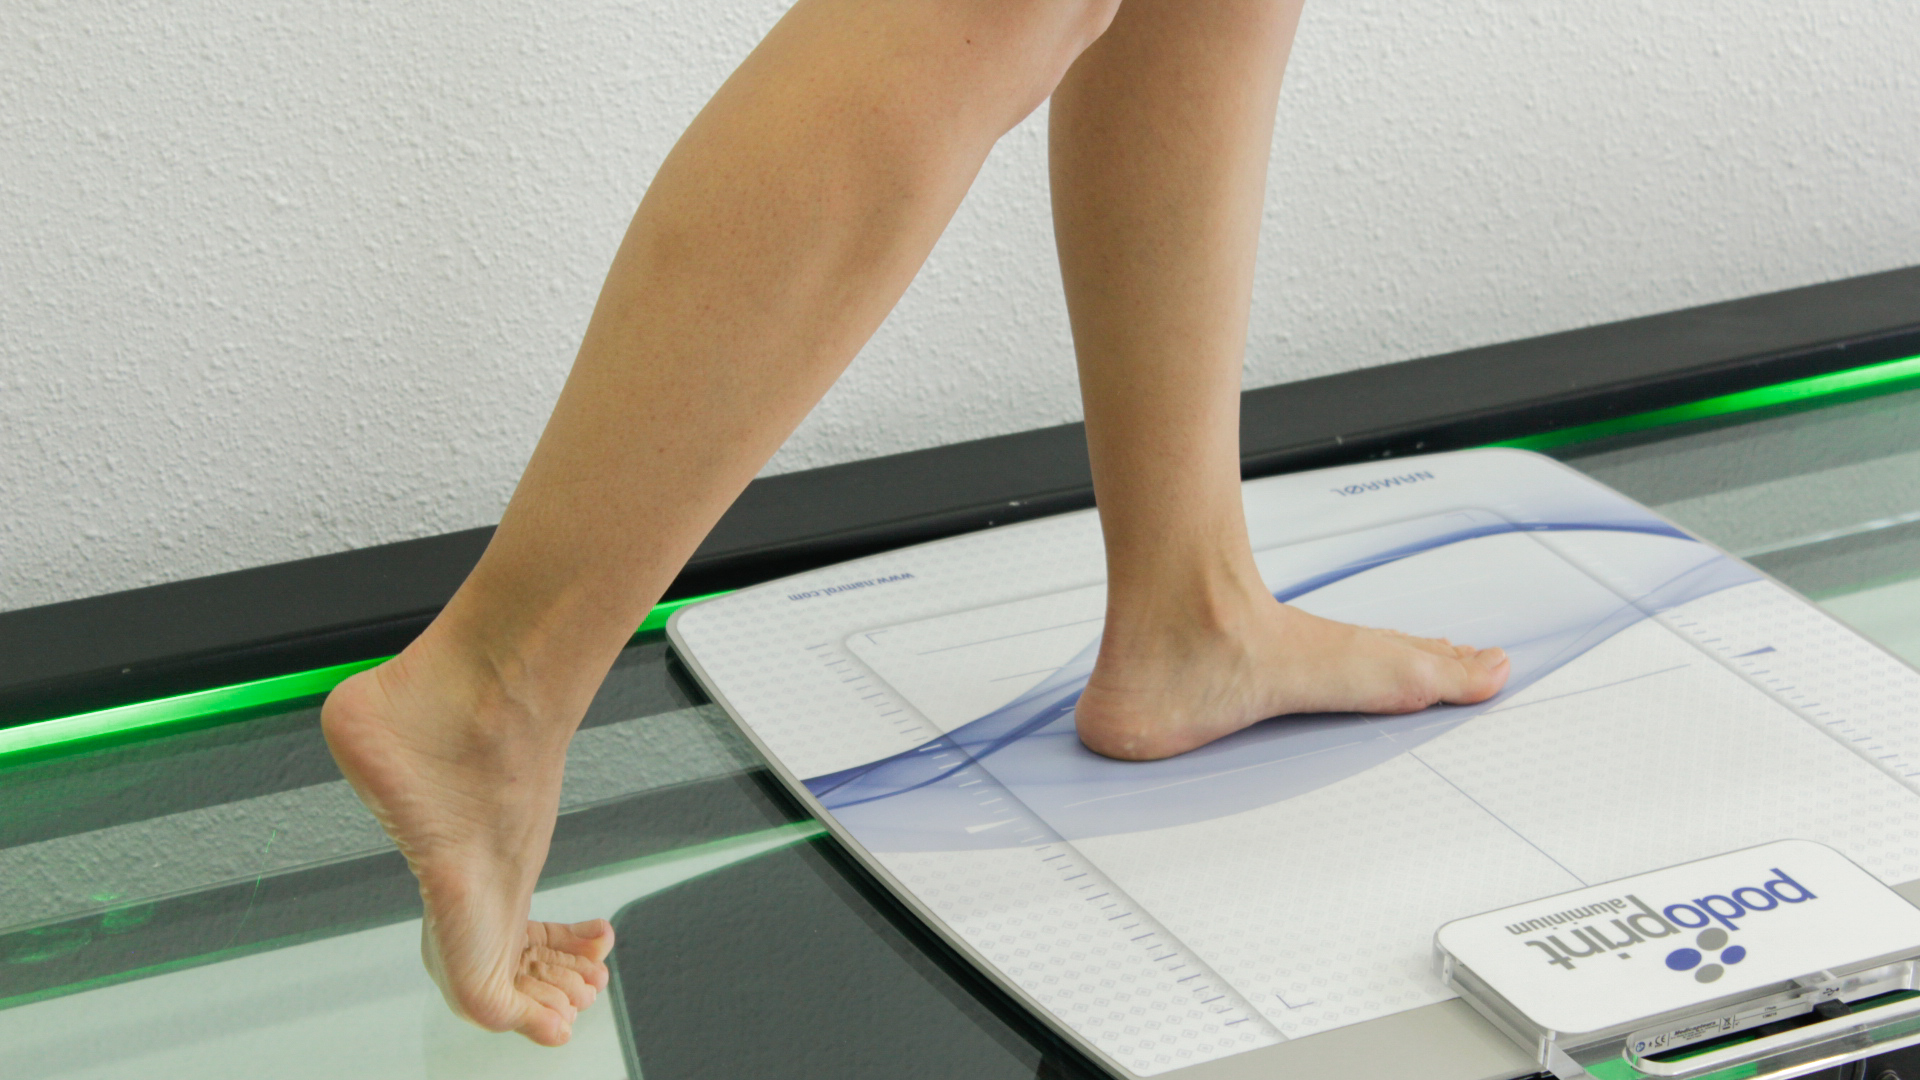 Cuida tus pies y mejora tu rendimiento